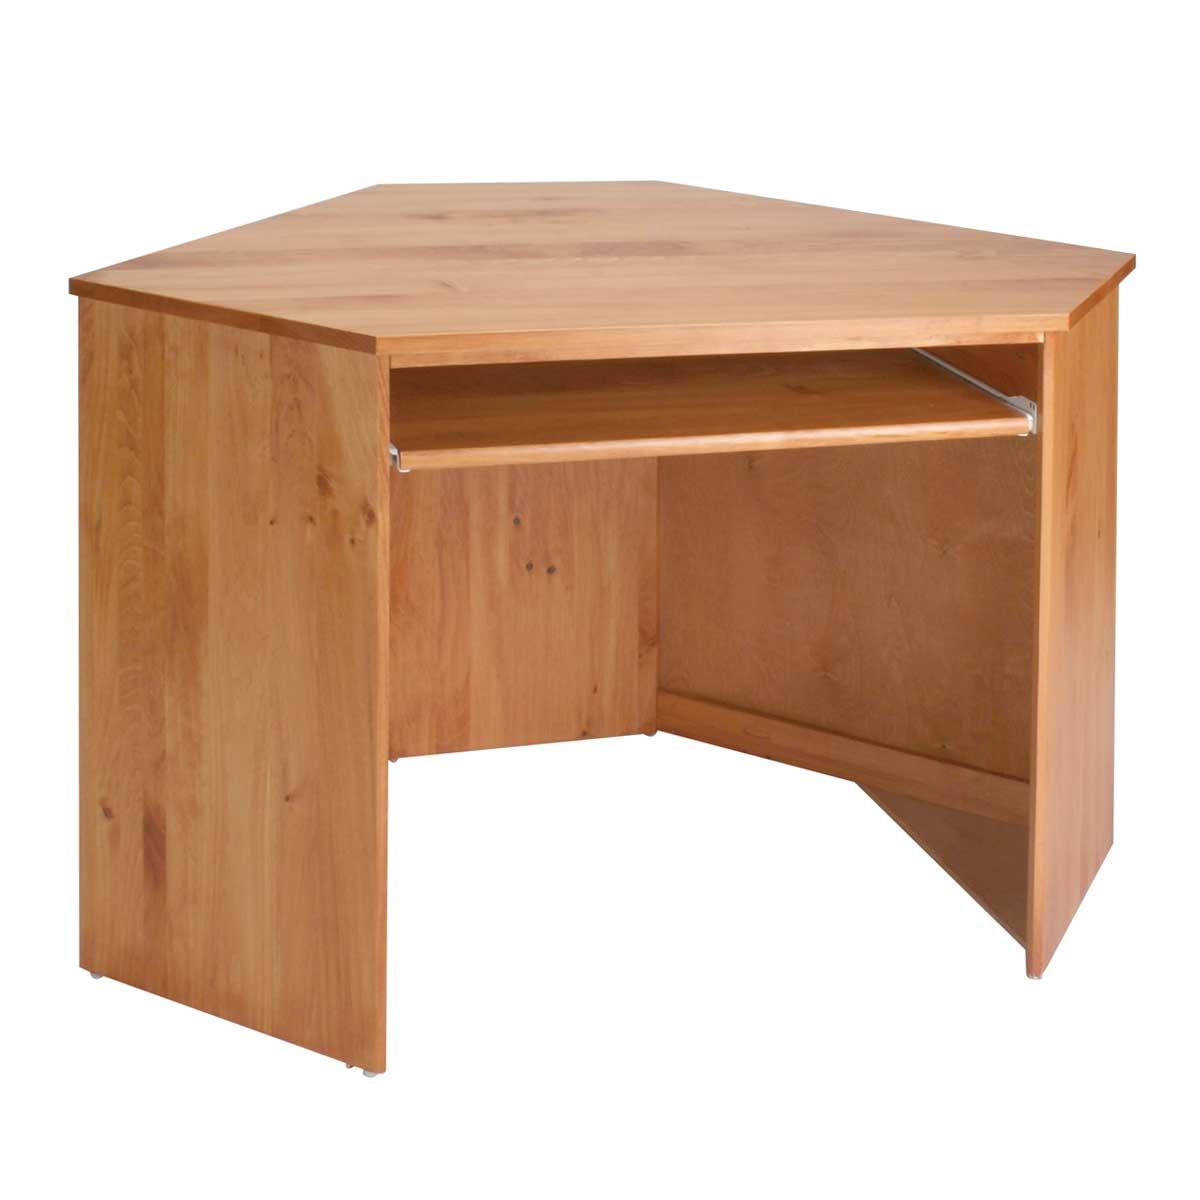 Corner Desk Pine Solid Pine Corner Computer Desk Left  : 182015 from livinginmoments.com size 1200 x 1200 jpeg 58kB